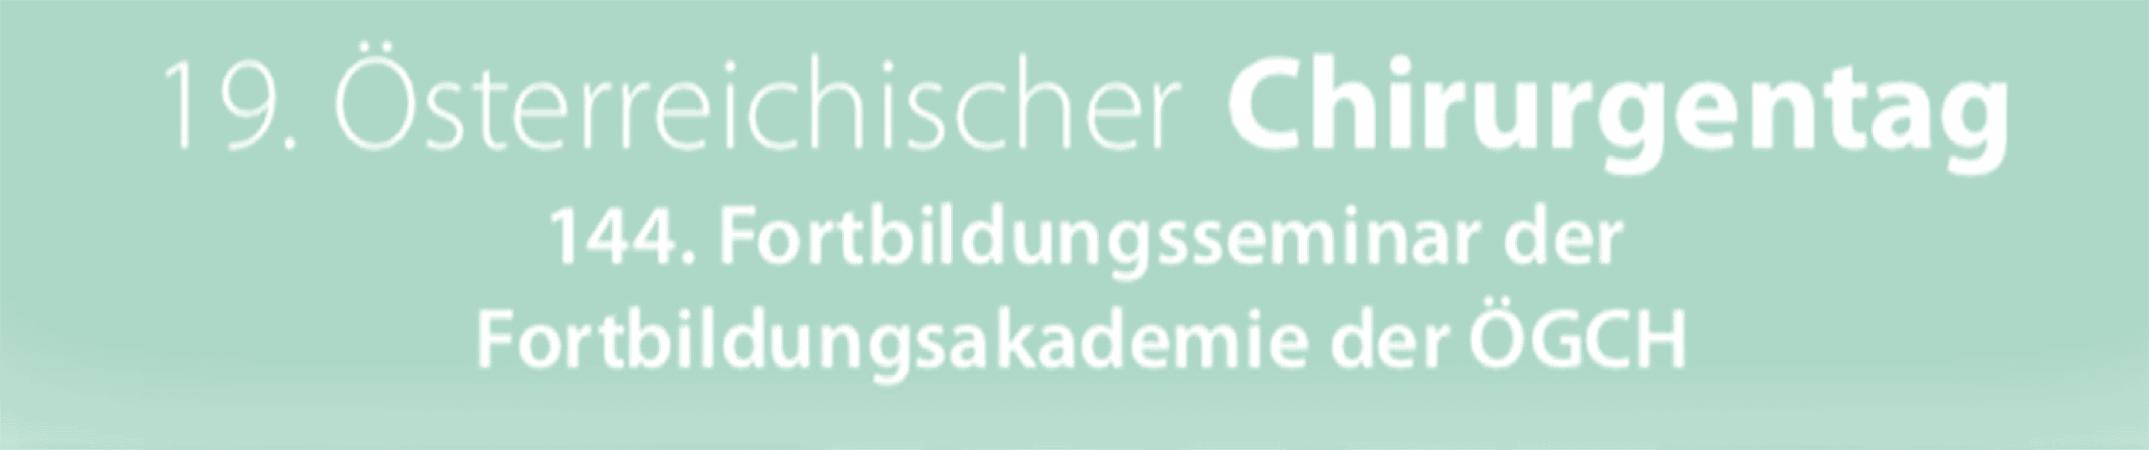 Köhler mit zwei Vorträgen und Vorsitz am Österreichischen Chirurgentag vertreten